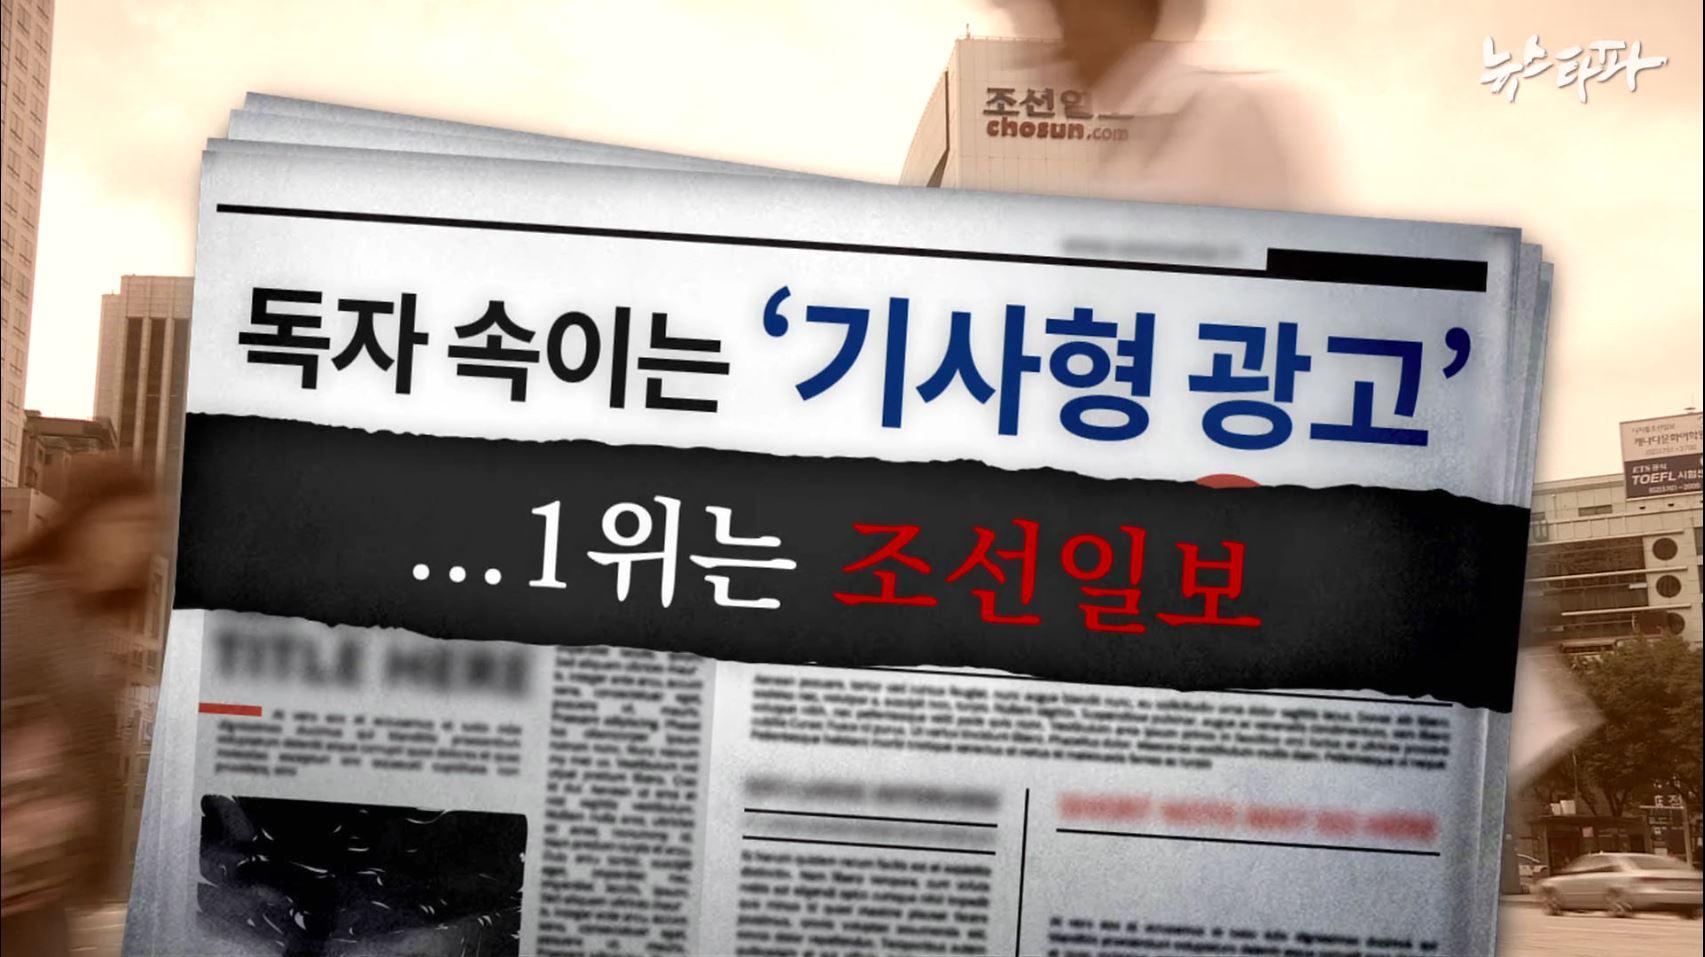 독자 속이는 '기사형 광고'...조선일보 1위, 한국경제 2위